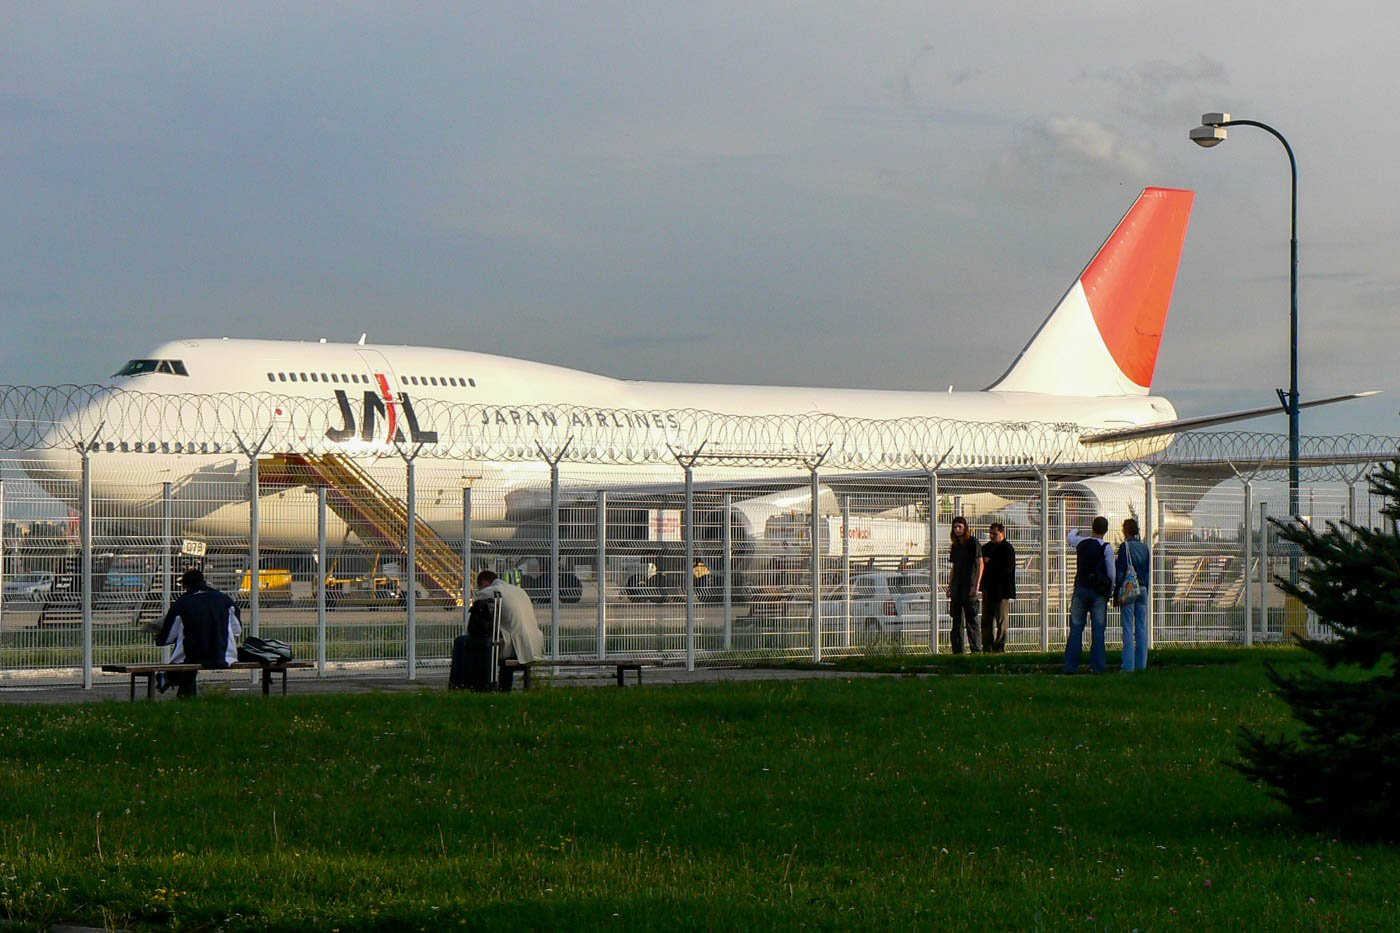 Japan Airlines 747-400 at Bratislava Airport